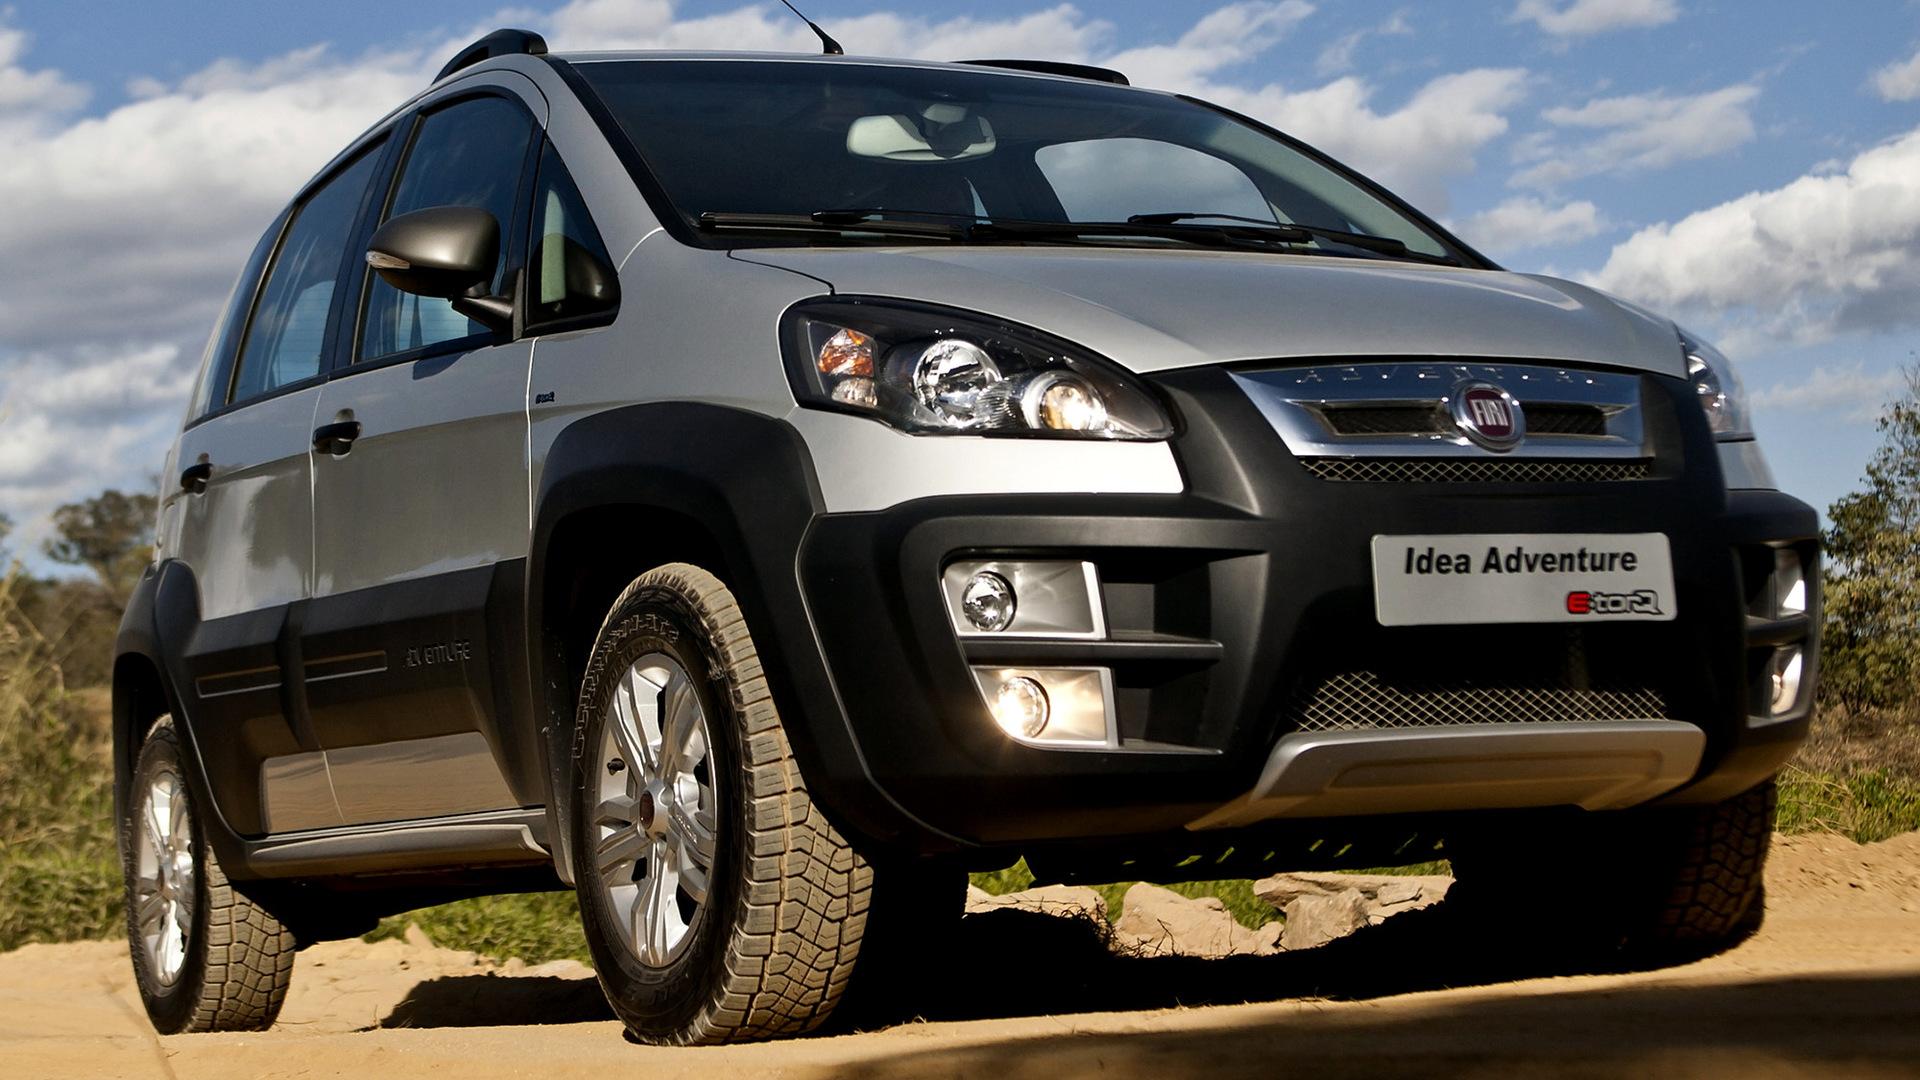 2010 Fiat Idea Adventure